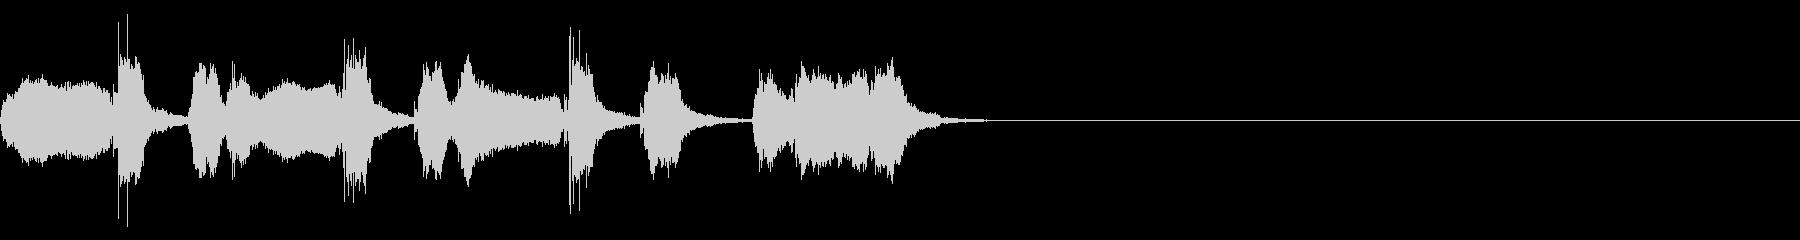 ドゥーワップでシンプルなアカペラジングルの未再生の波形